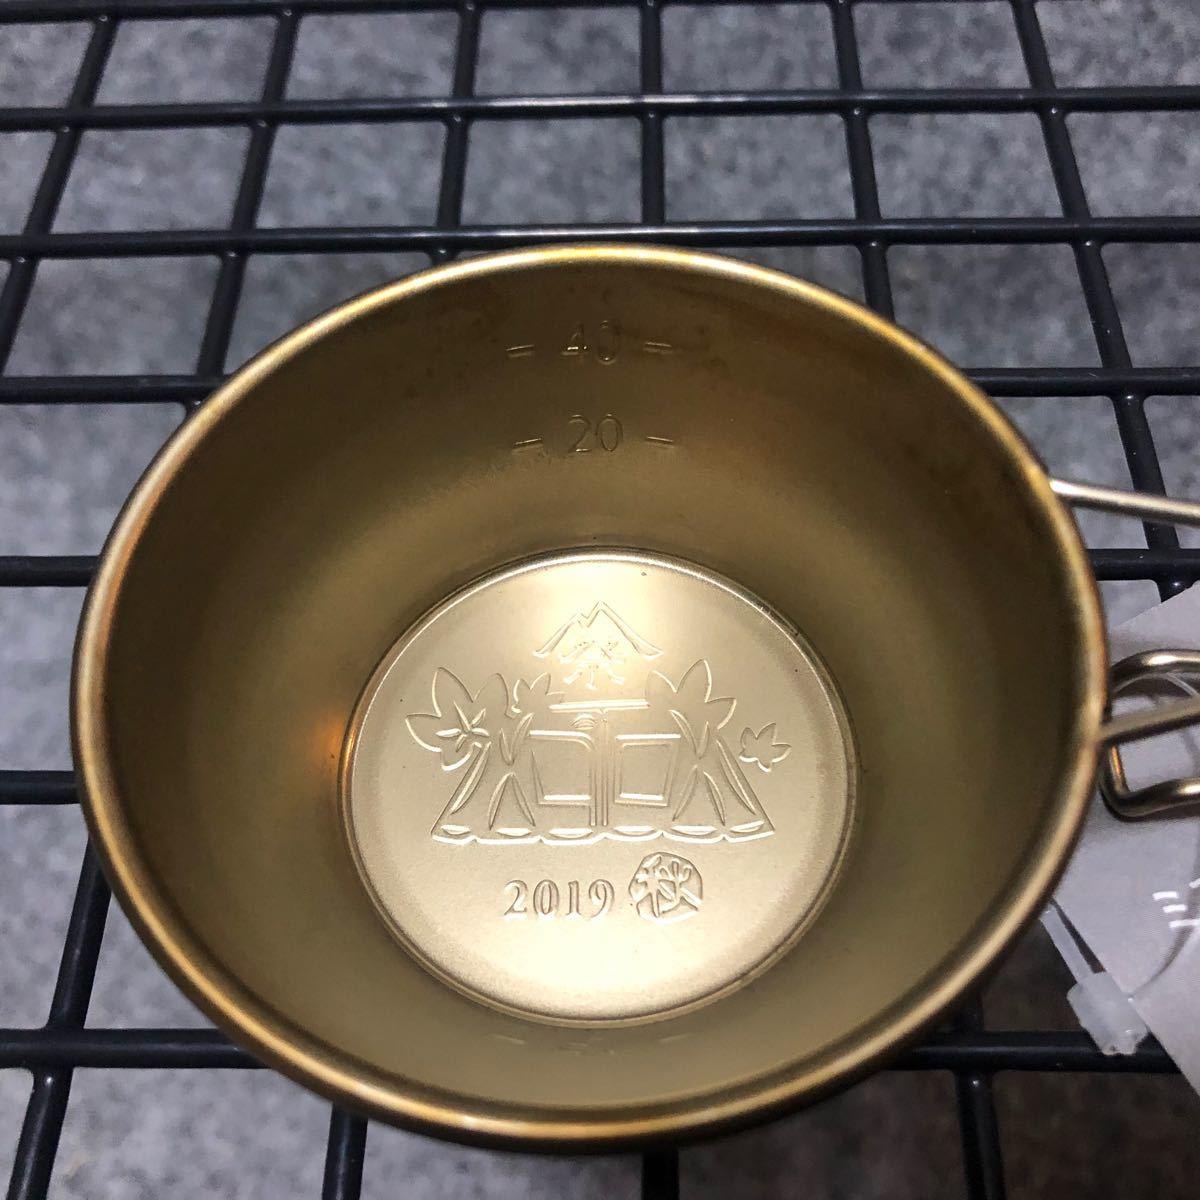 スノーピーク ミニシェラカップ 雪峰祭 2019秋 GOLDEN BROWN